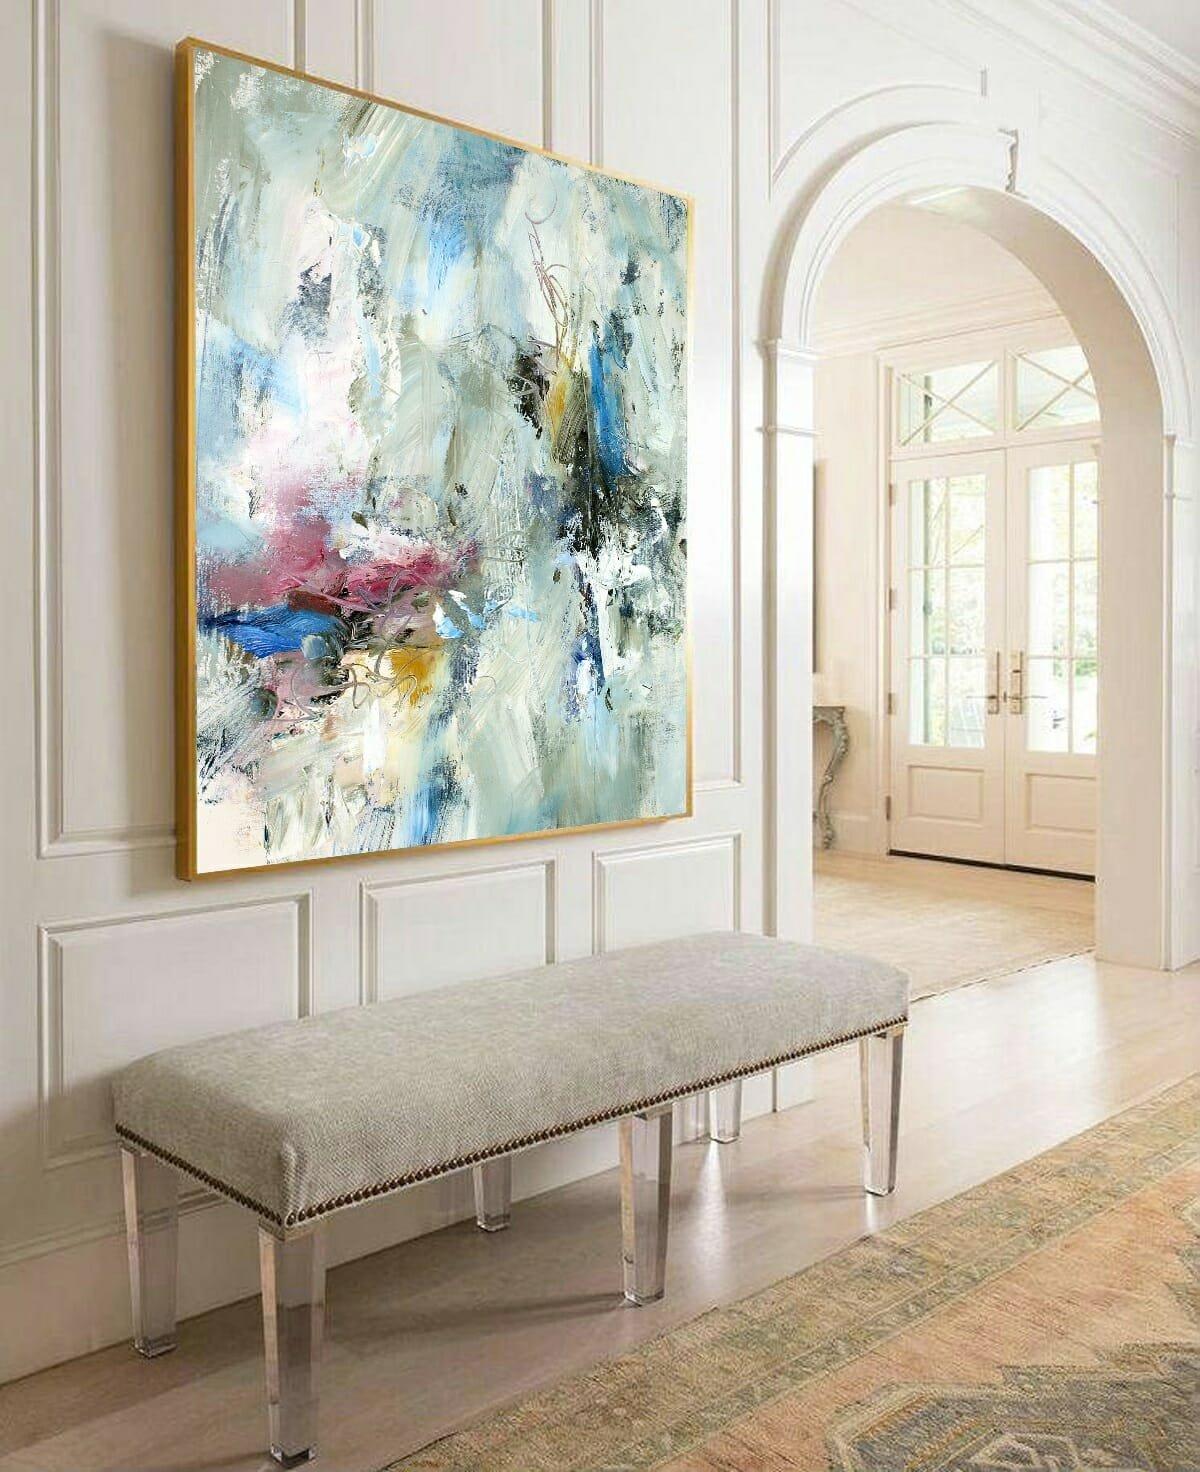 Buy original artwork fannyboz-by-Hugh Abernethy-Artfinder